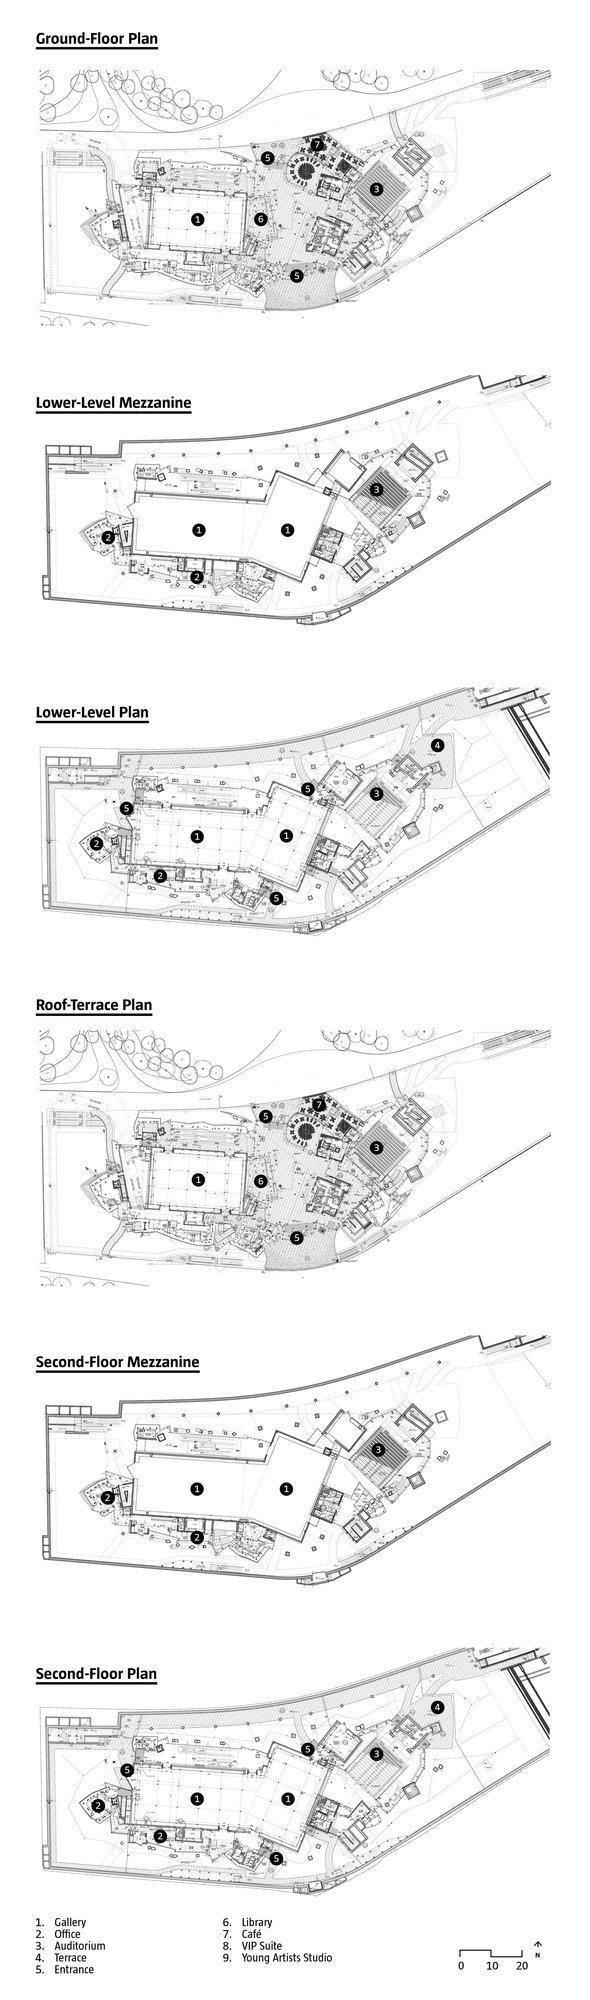 Jardin De L Acclimatation Unique Fondation Louis Vuitton Designed by Gehry Partners Of 58 Beau Jardin De L Acclimatation